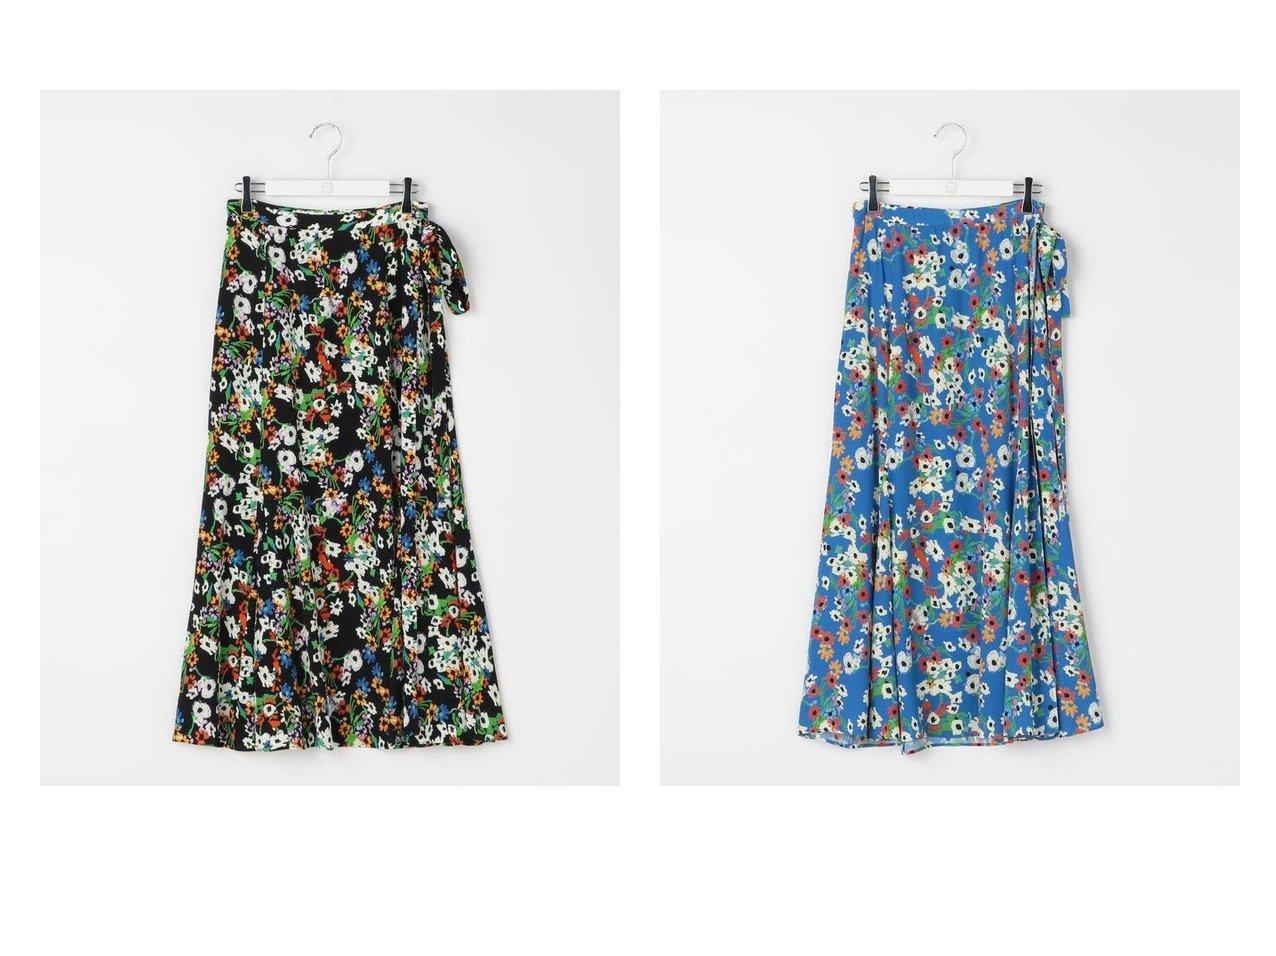 【Ravissant Laviere/ラヴィソンラヴィエール】のフラワープリントラップスカート スカートのおすすめ!人気、トレンド・レディースファッションの通販 おすすめで人気の流行・トレンド、ファッションの通販商品 メンズファッション・キッズファッション・インテリア・家具・レディースファッション・服の通販 founy(ファニー) https://founy.com/ ファッション Fashion レディースファッション WOMEN スカート Skirt Aライン/フレアスカート Flared A-Line Skirts ギャザー シンプル フランス フレア ラップ 再入荷 Restock/Back in Stock/Re Arrival |ID:crp329100000024730